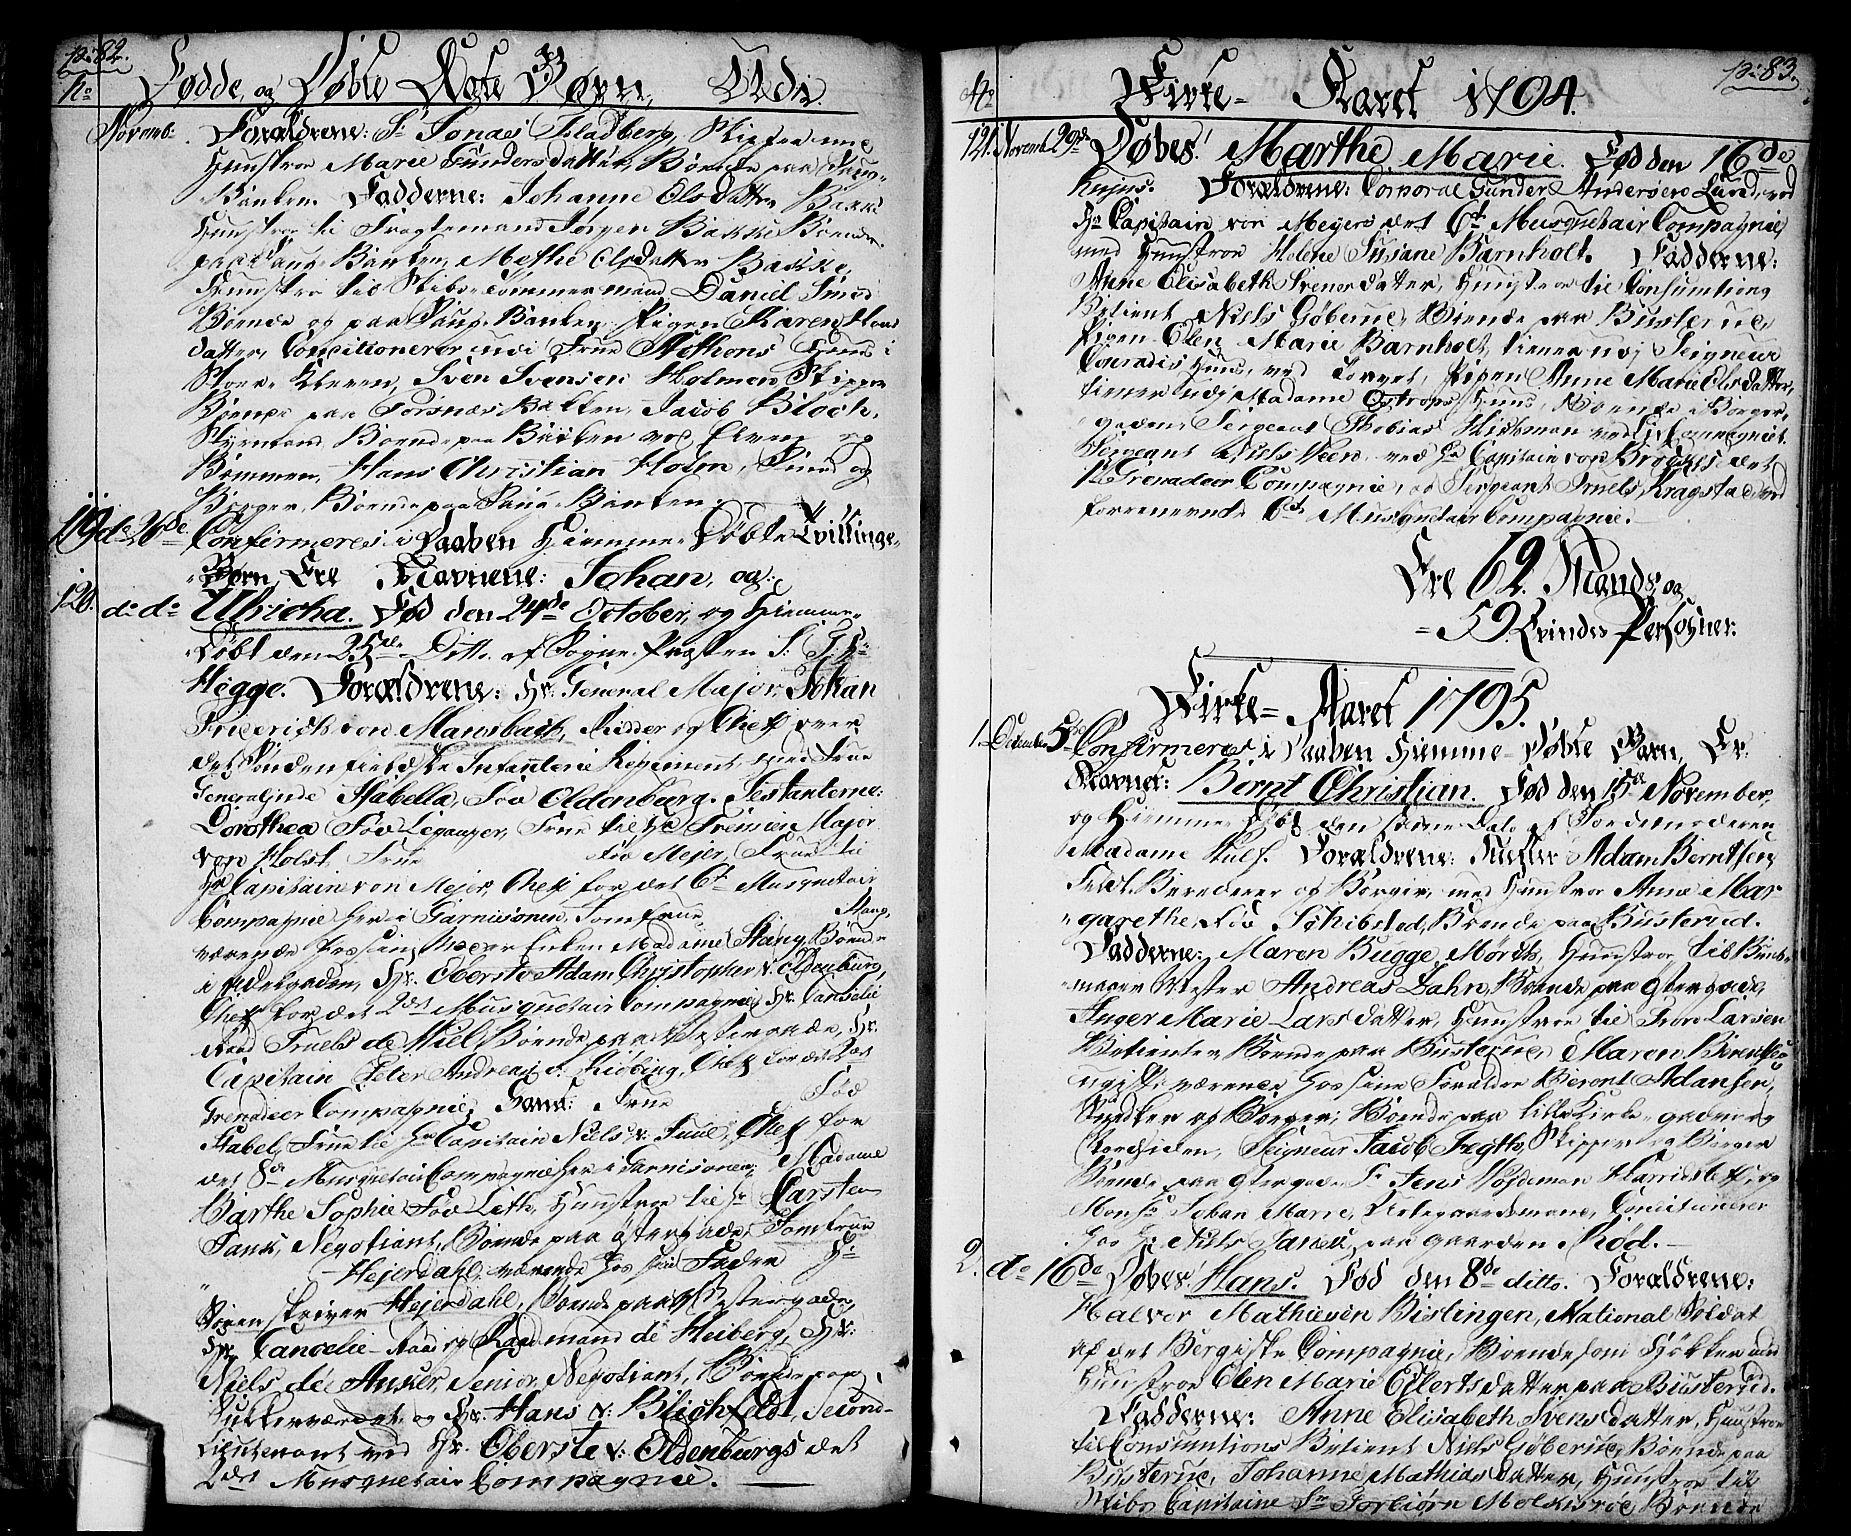 SAO, Halden prestekontor Kirkebøker, F/Fa/L0002: Ministerialbok nr. I 2, 1792-1812, s. 82-83